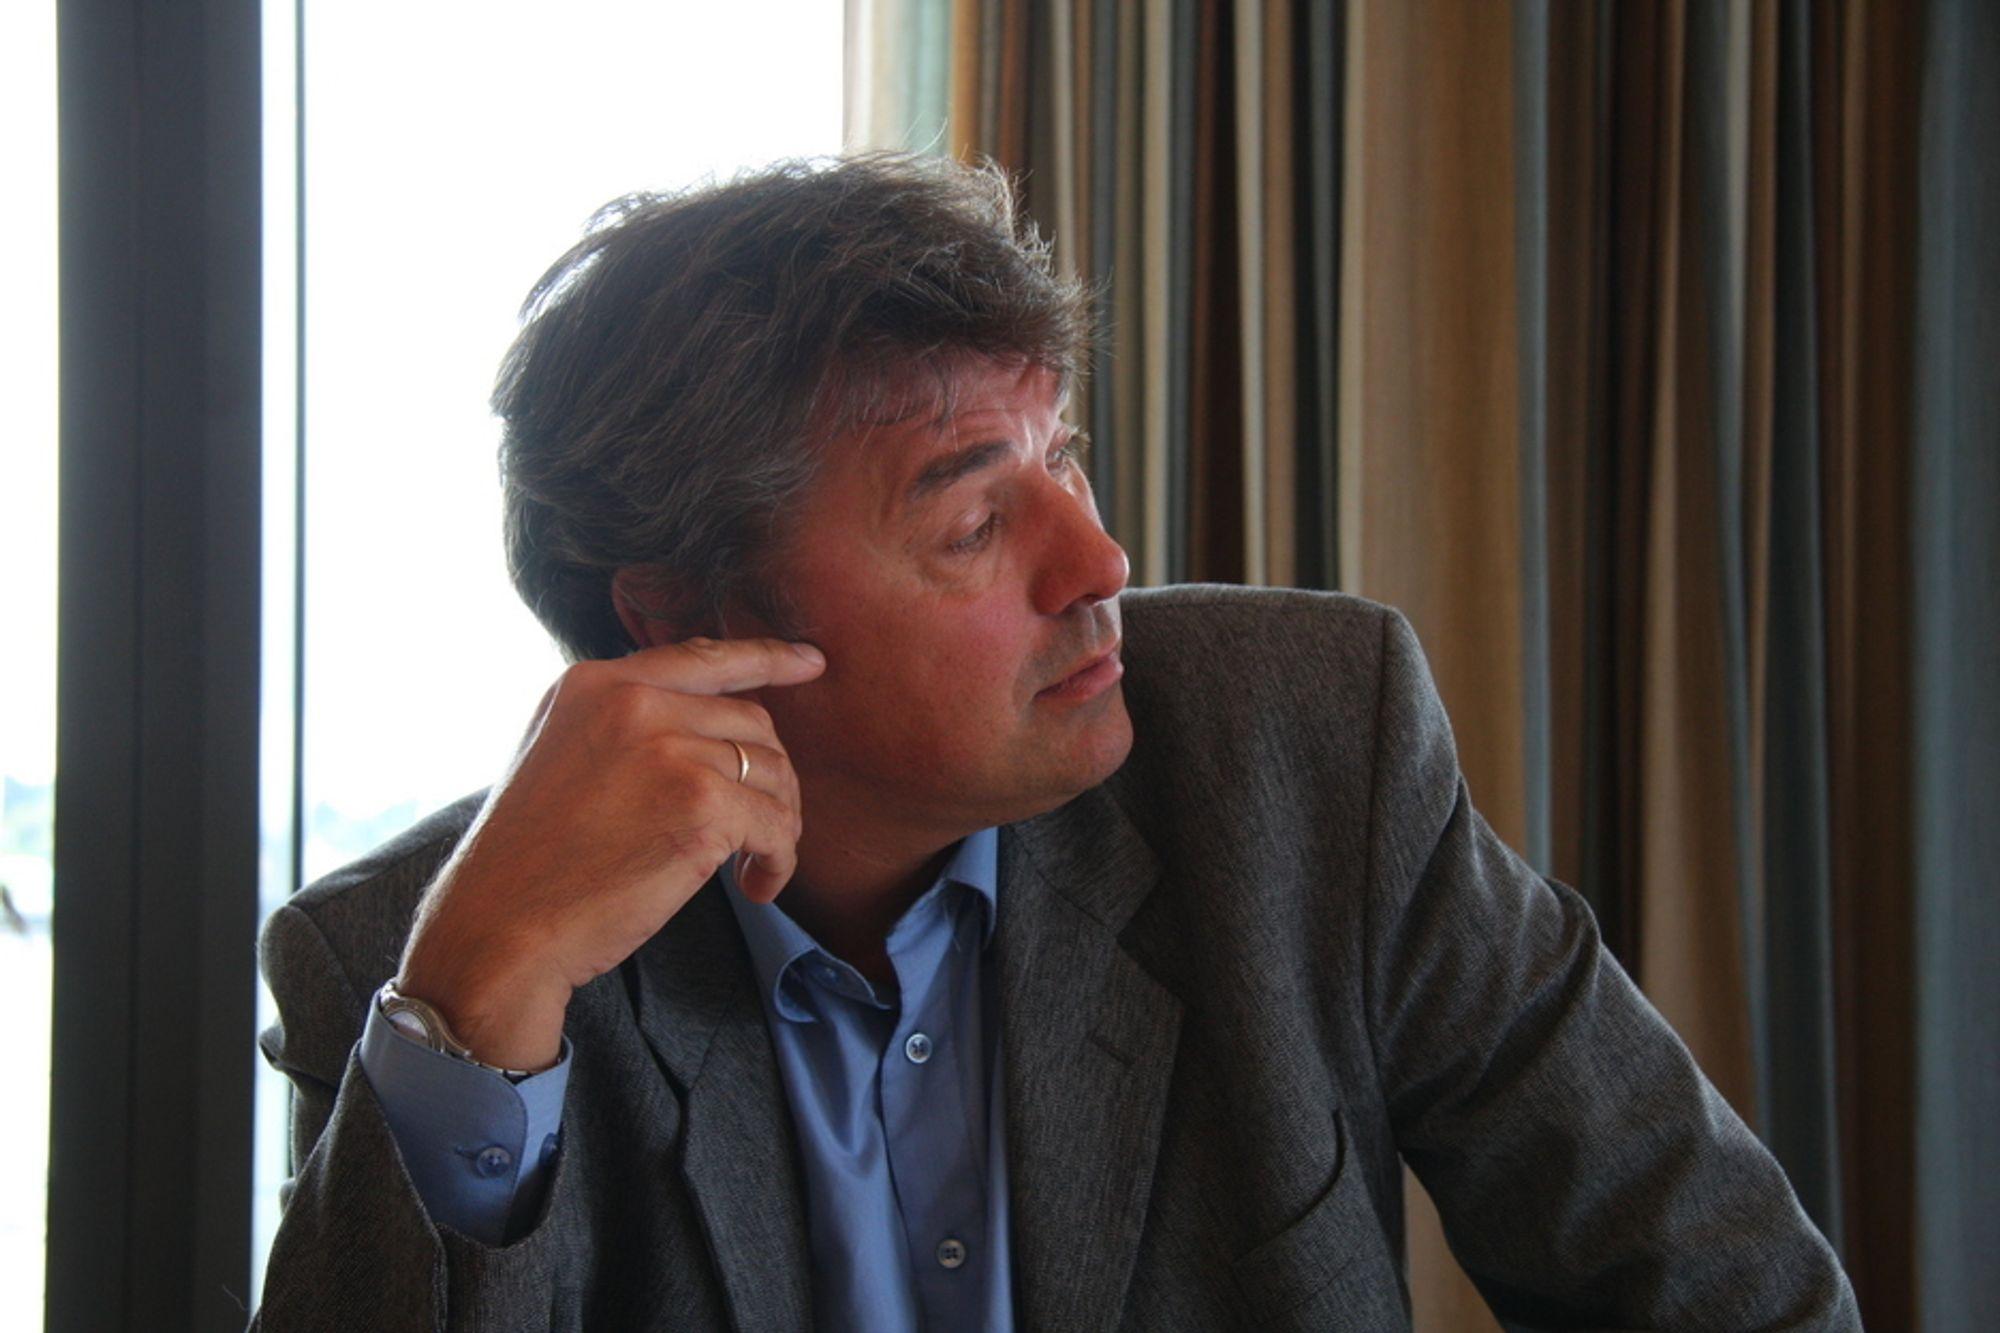 SKAL UTREDE: Sjøfartsdirektør Olav Akselsen skal lede en arbeidsgruppe som skal levere en rapport om ulykker med fritidsbåter til våren.